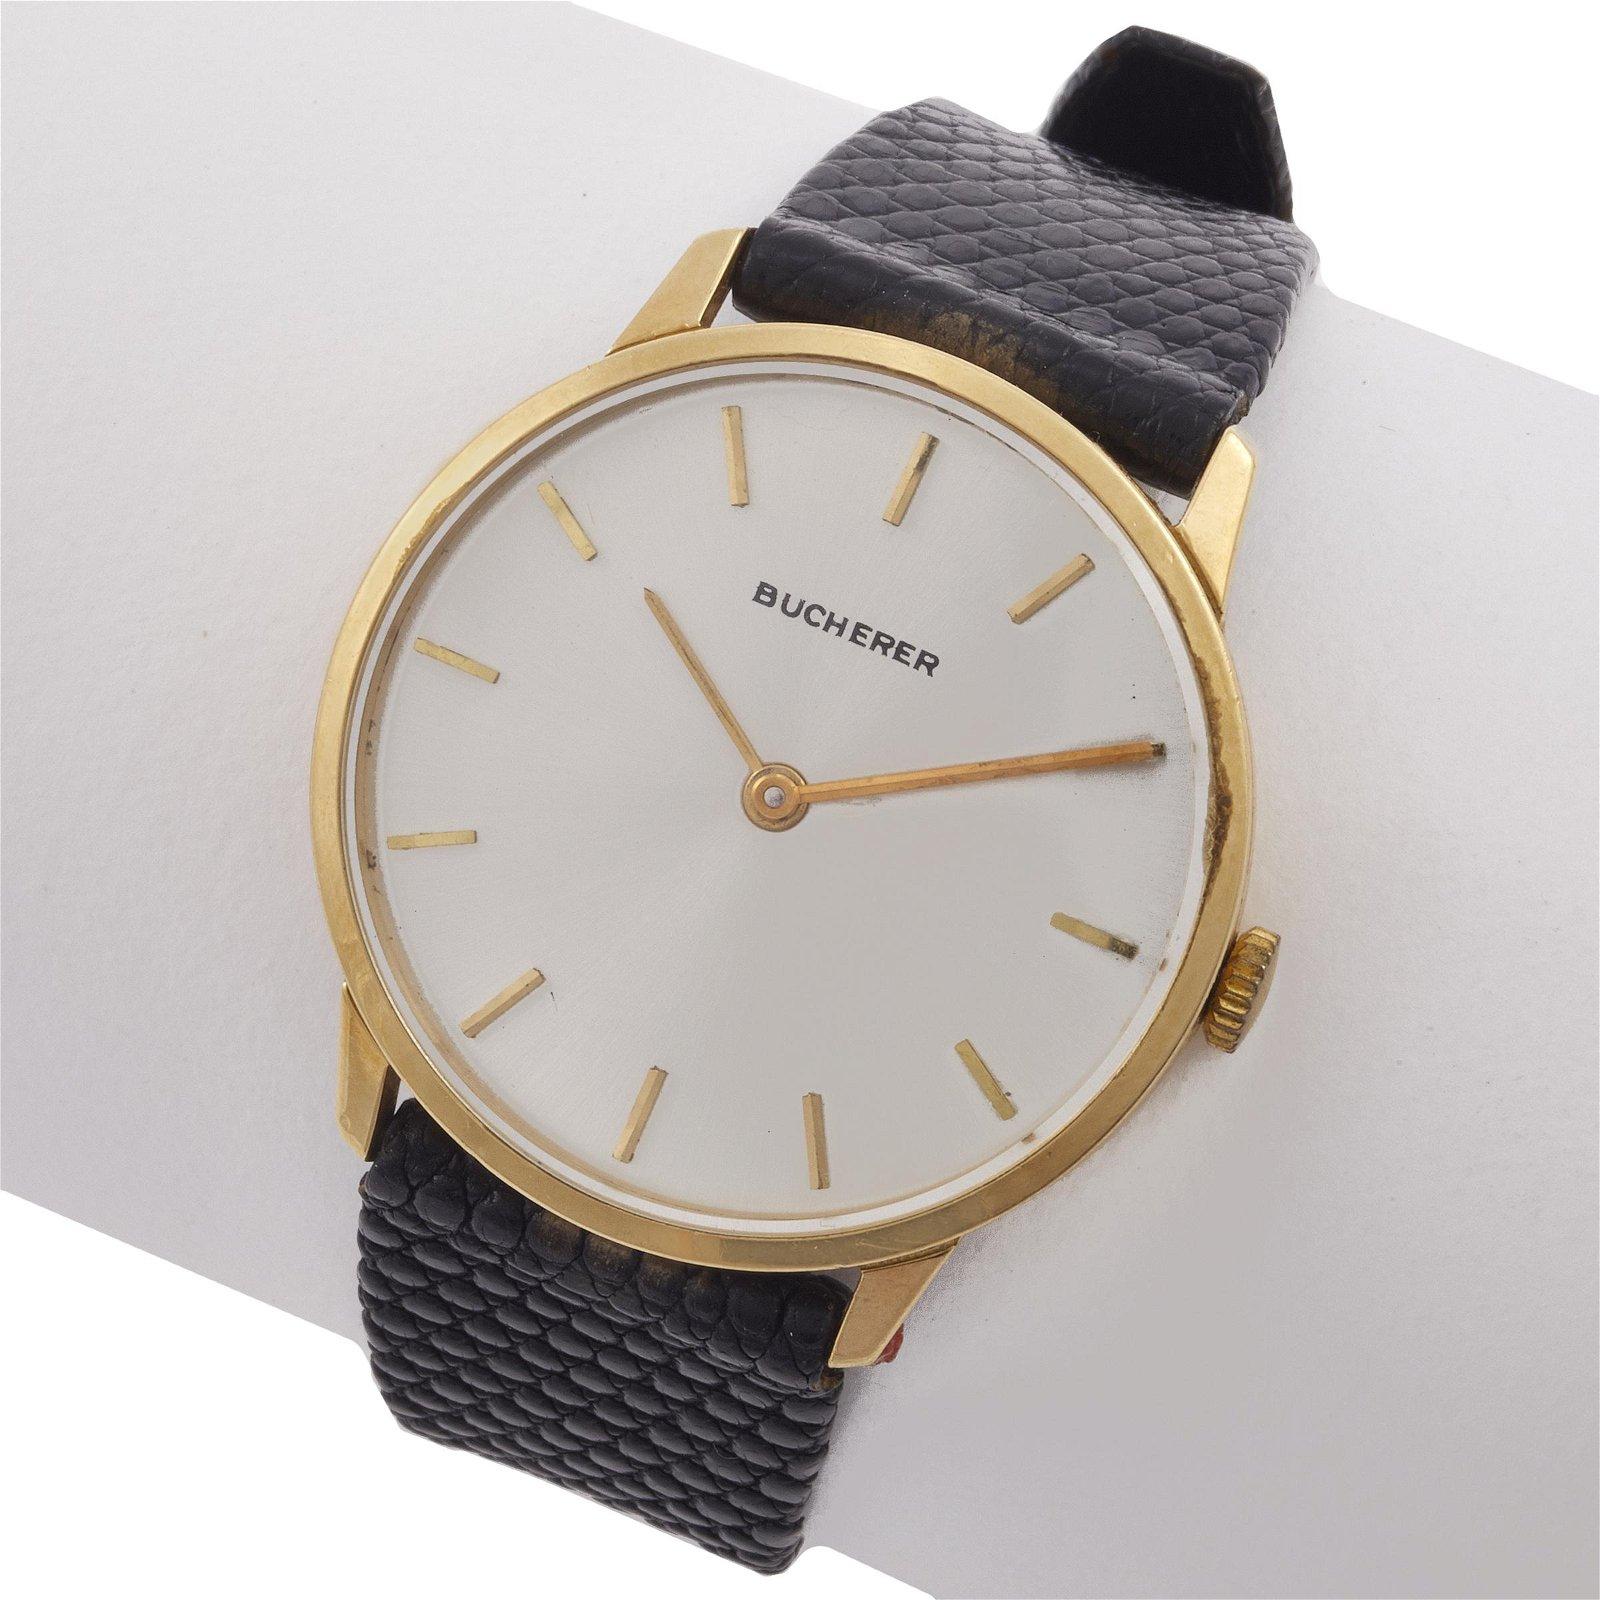 Gent's Bucherer 18k Yellow Gold Dress Watch